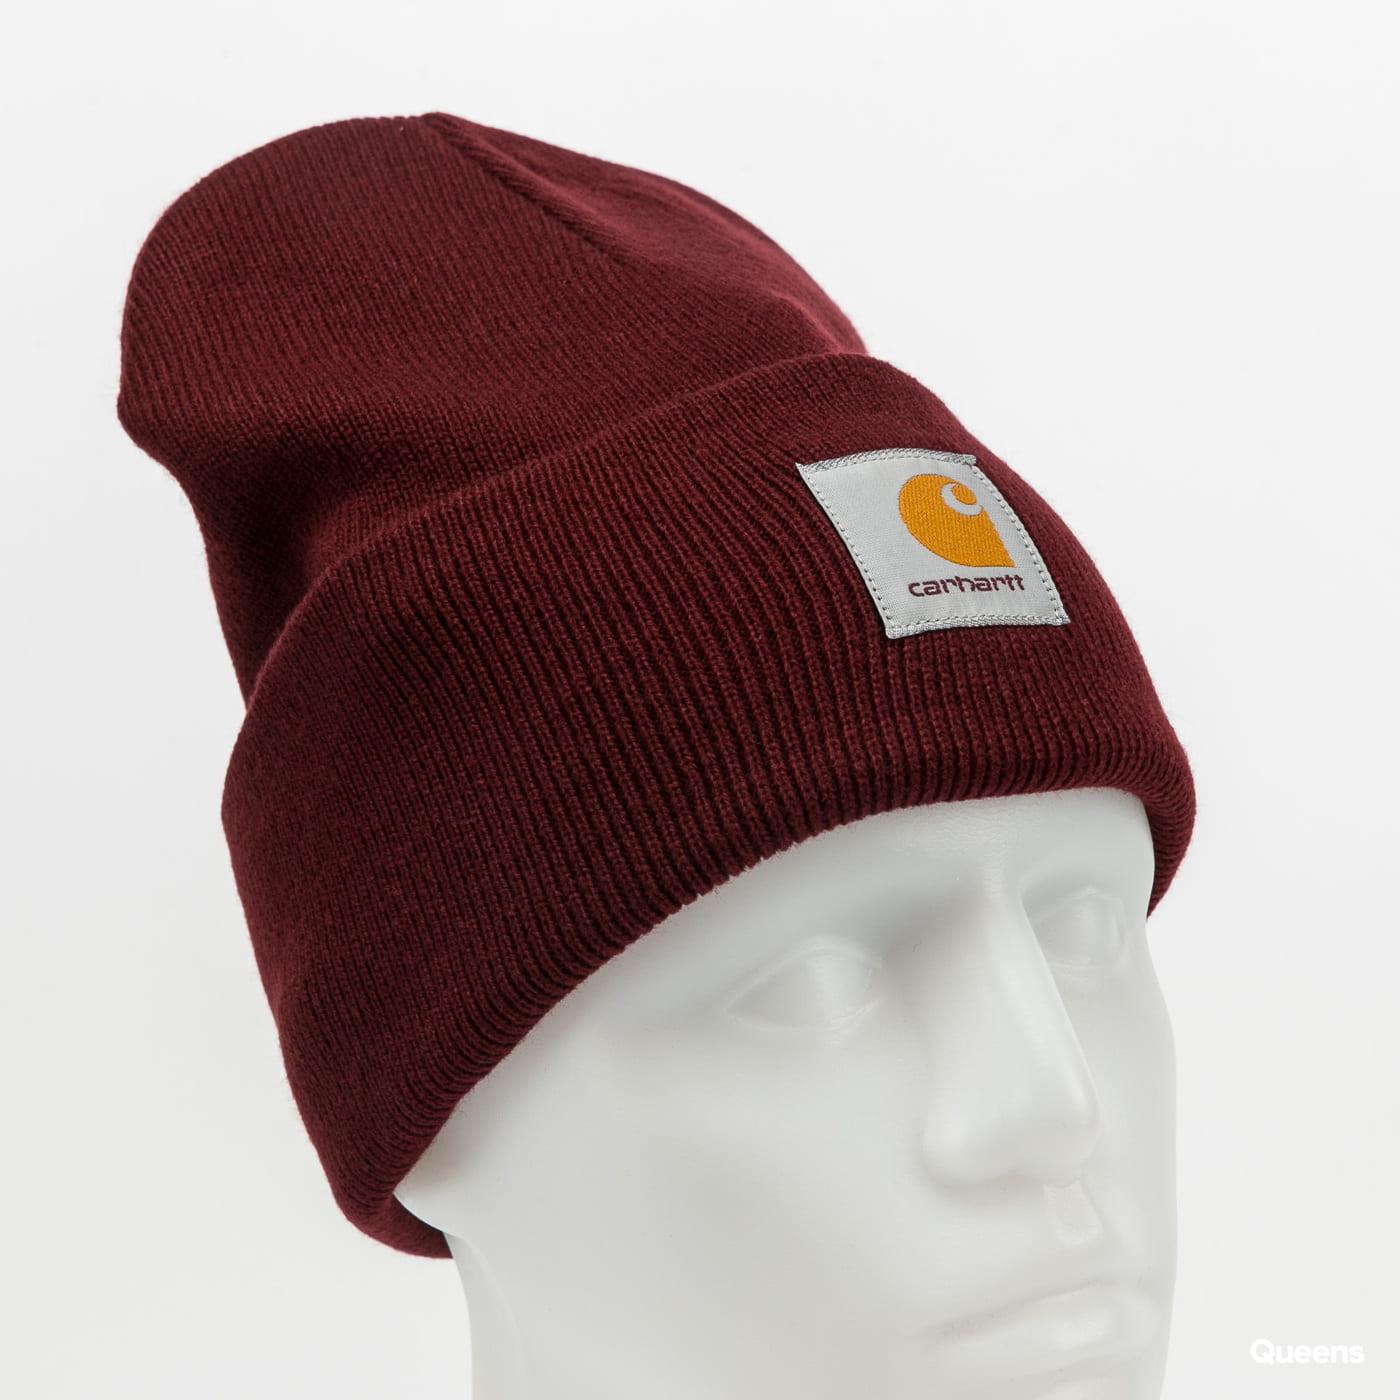 Carhartt WIP Acrylic Watch Hat bordeaux